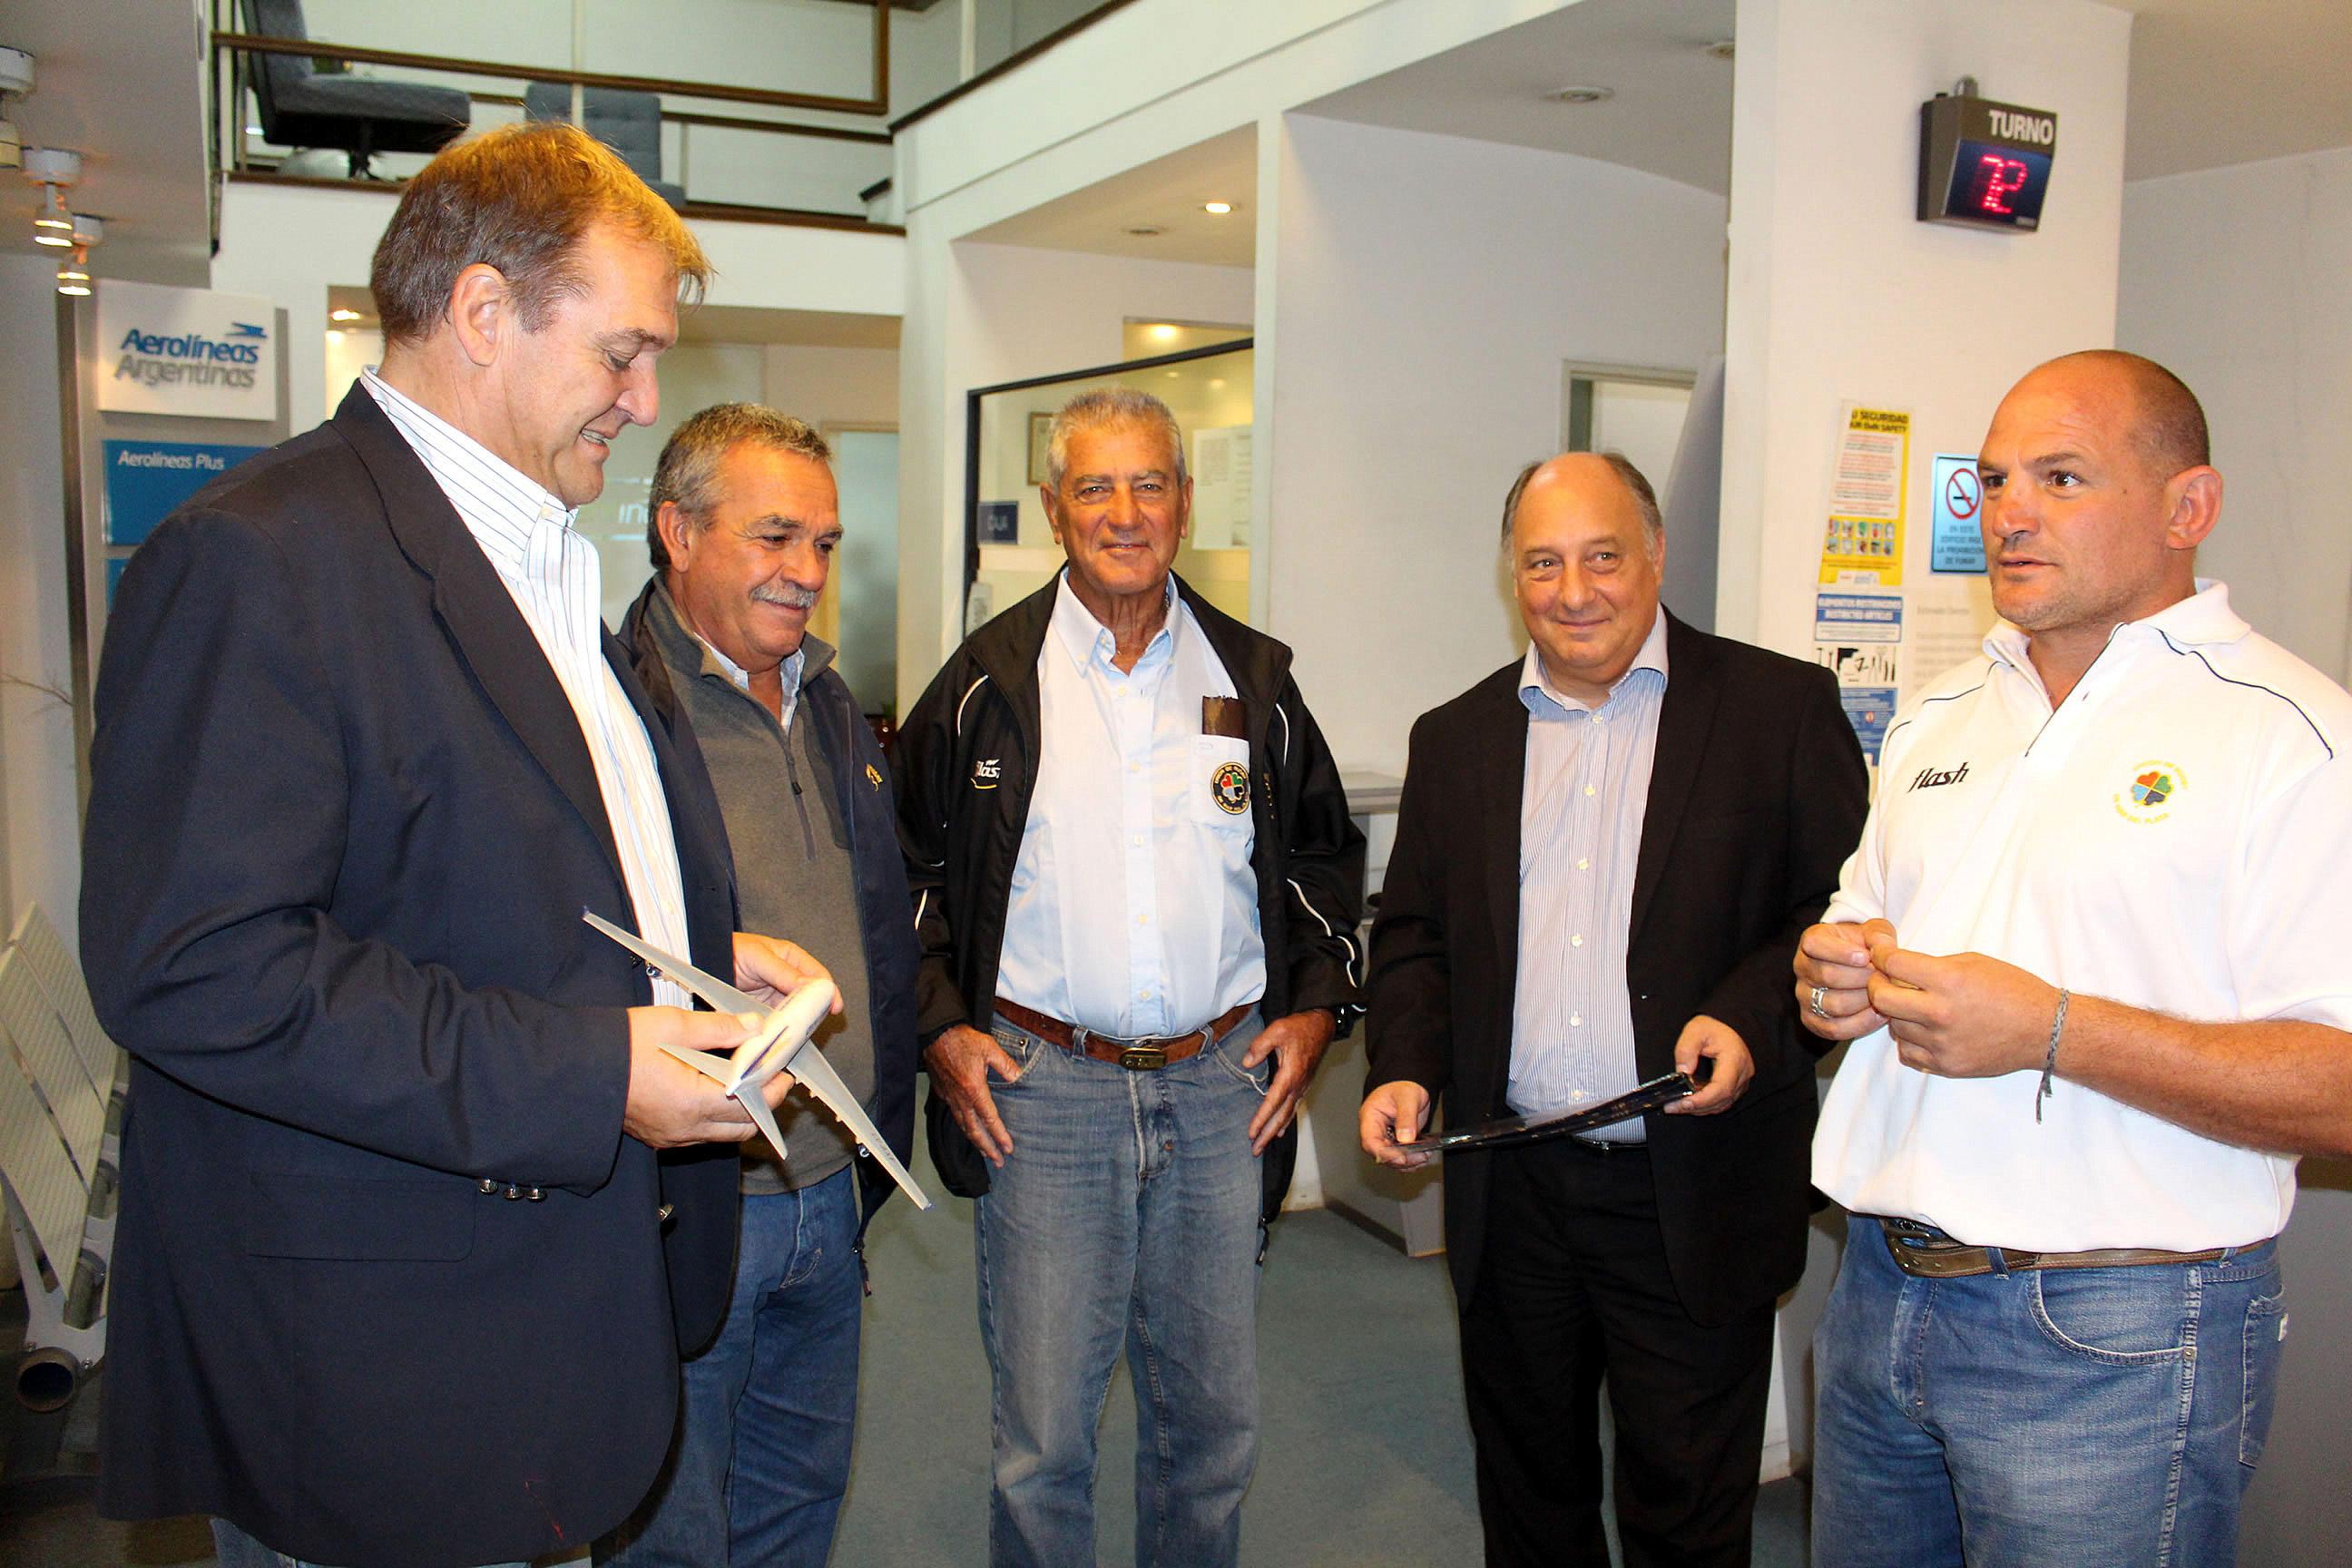 El acuerdo se rubricó entre la URMDP y el gerente de Aerolíneas Argentinas en Mar del Plata. (Foto: Prensa URMDP)